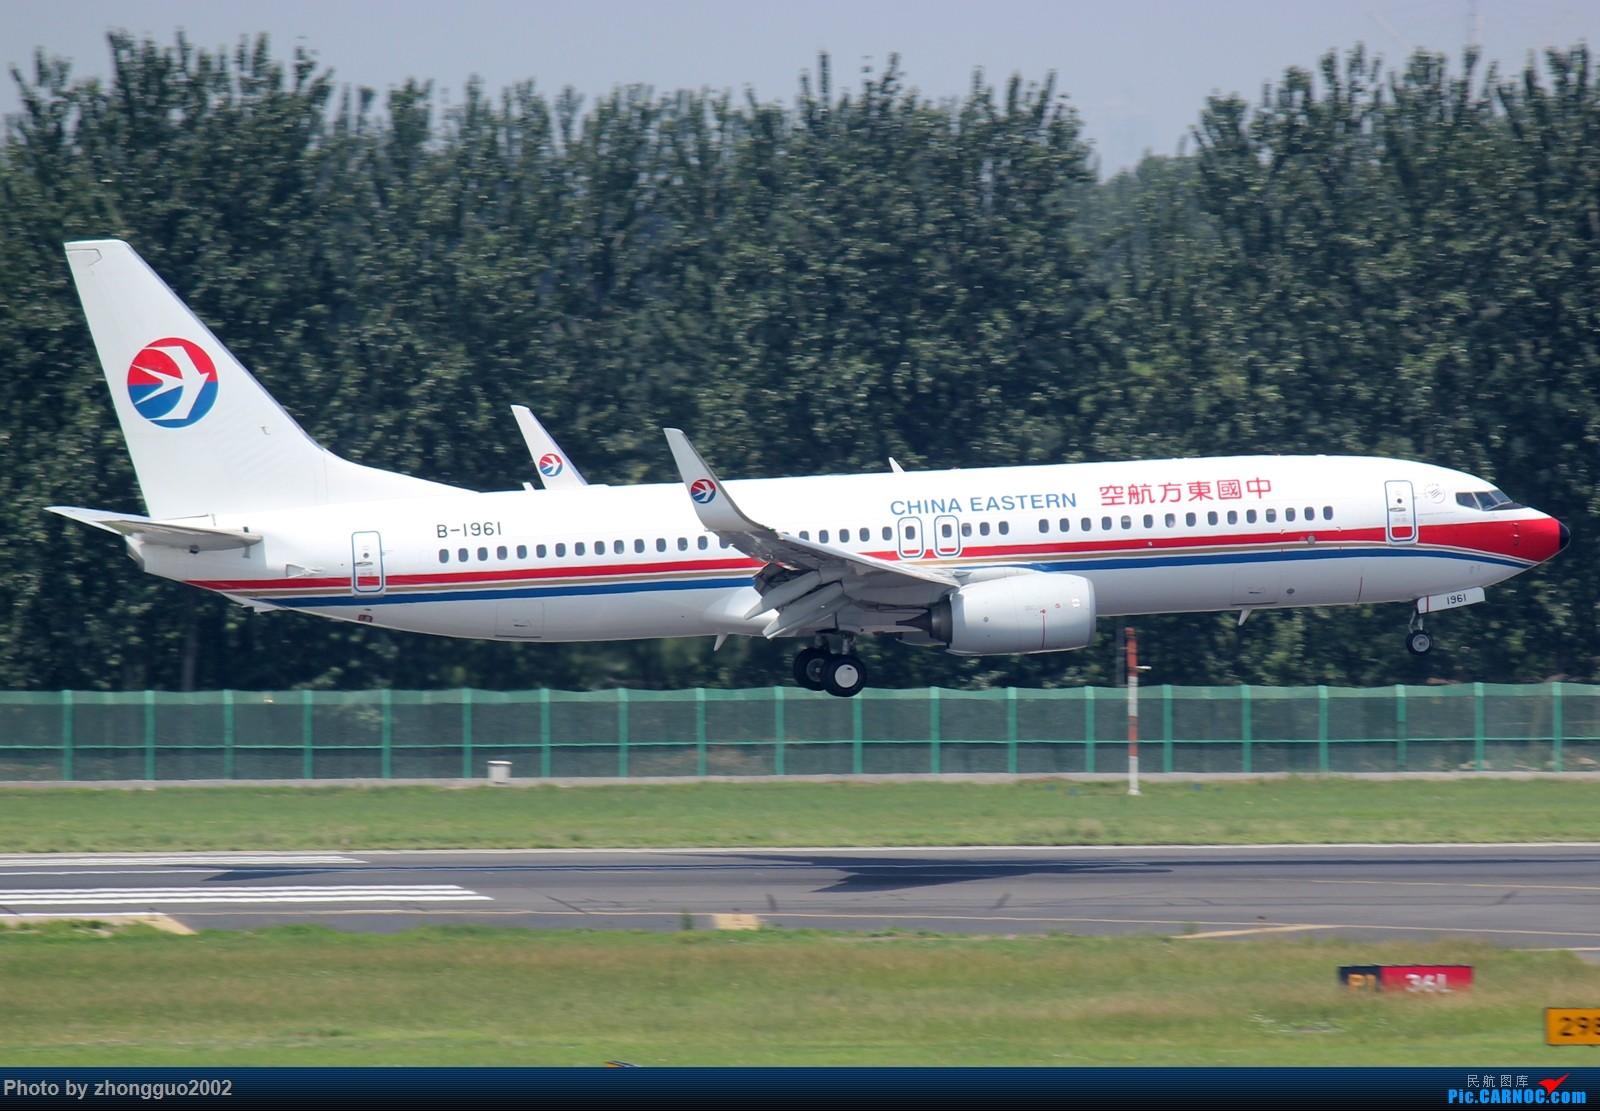 Re:[原创]【BLDDQ--深圳打机队】发小飞机盖楼贴,凡跟帖1字开头大陆民航飞机图的,每图五架小飞机不重复 BOEING 737-800 B-1961 中国北京首都国际机场